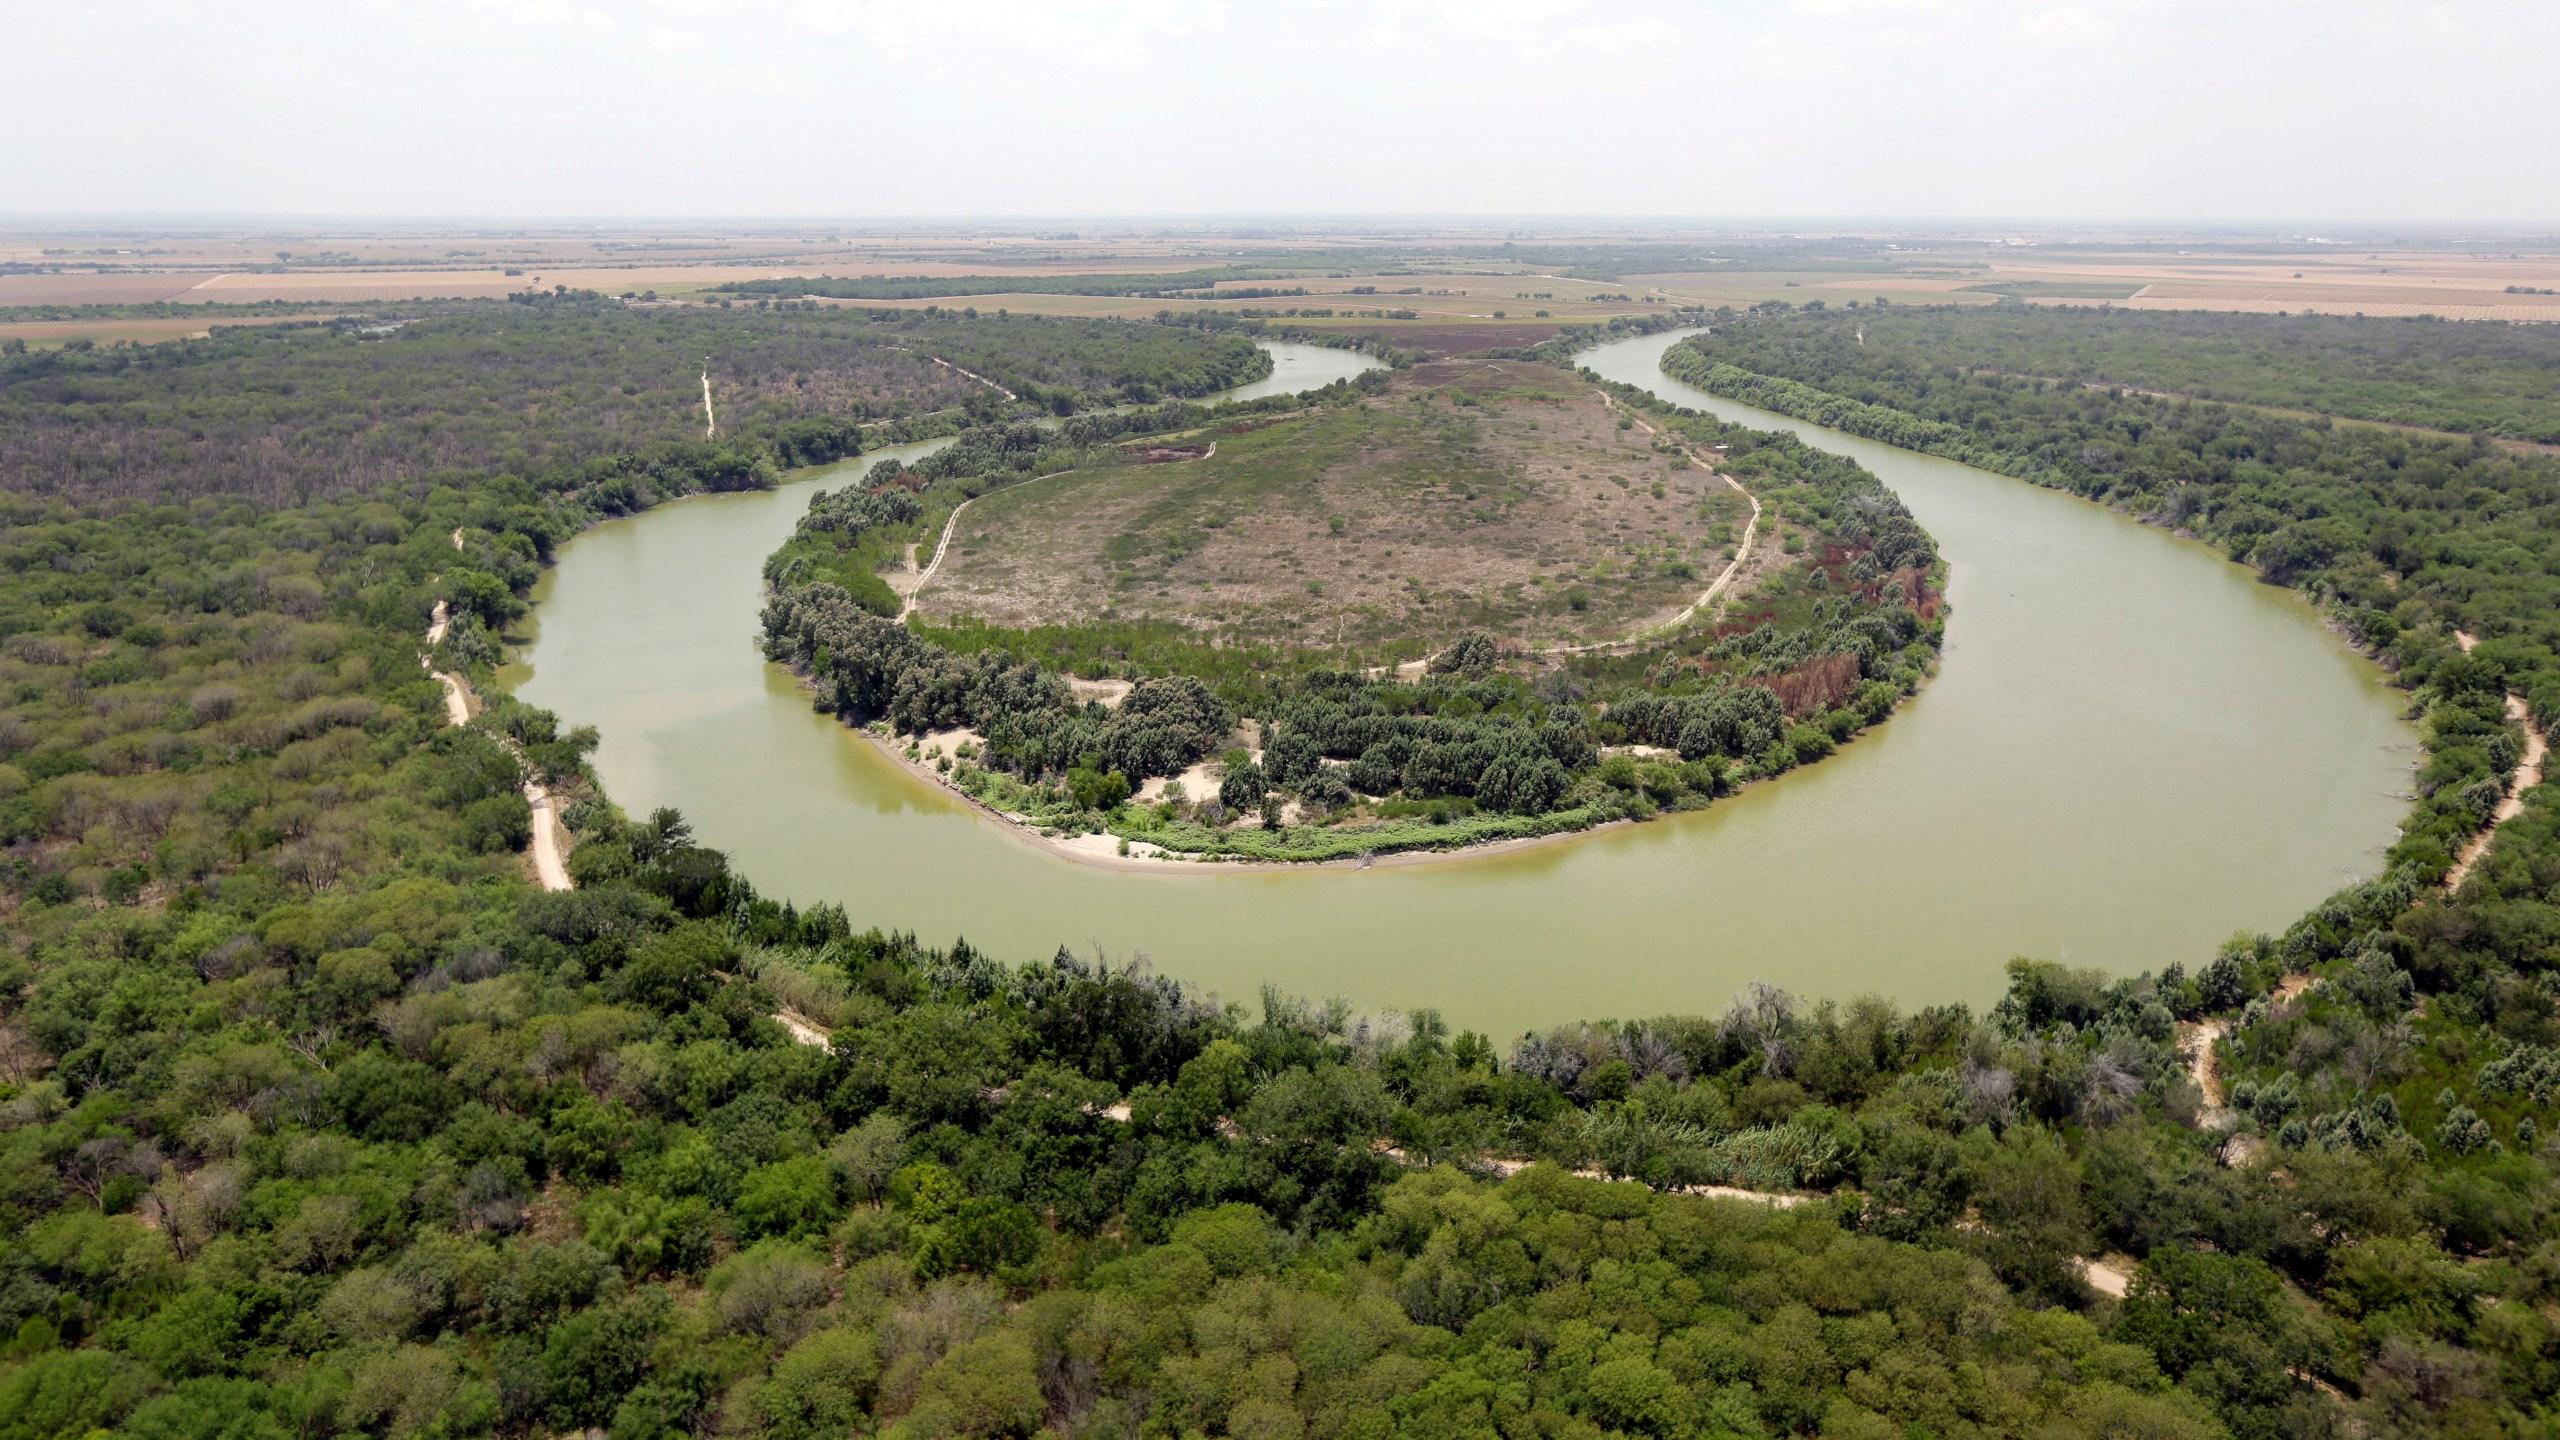 Border_Wall_Texas_06016-159532.jpg35469841